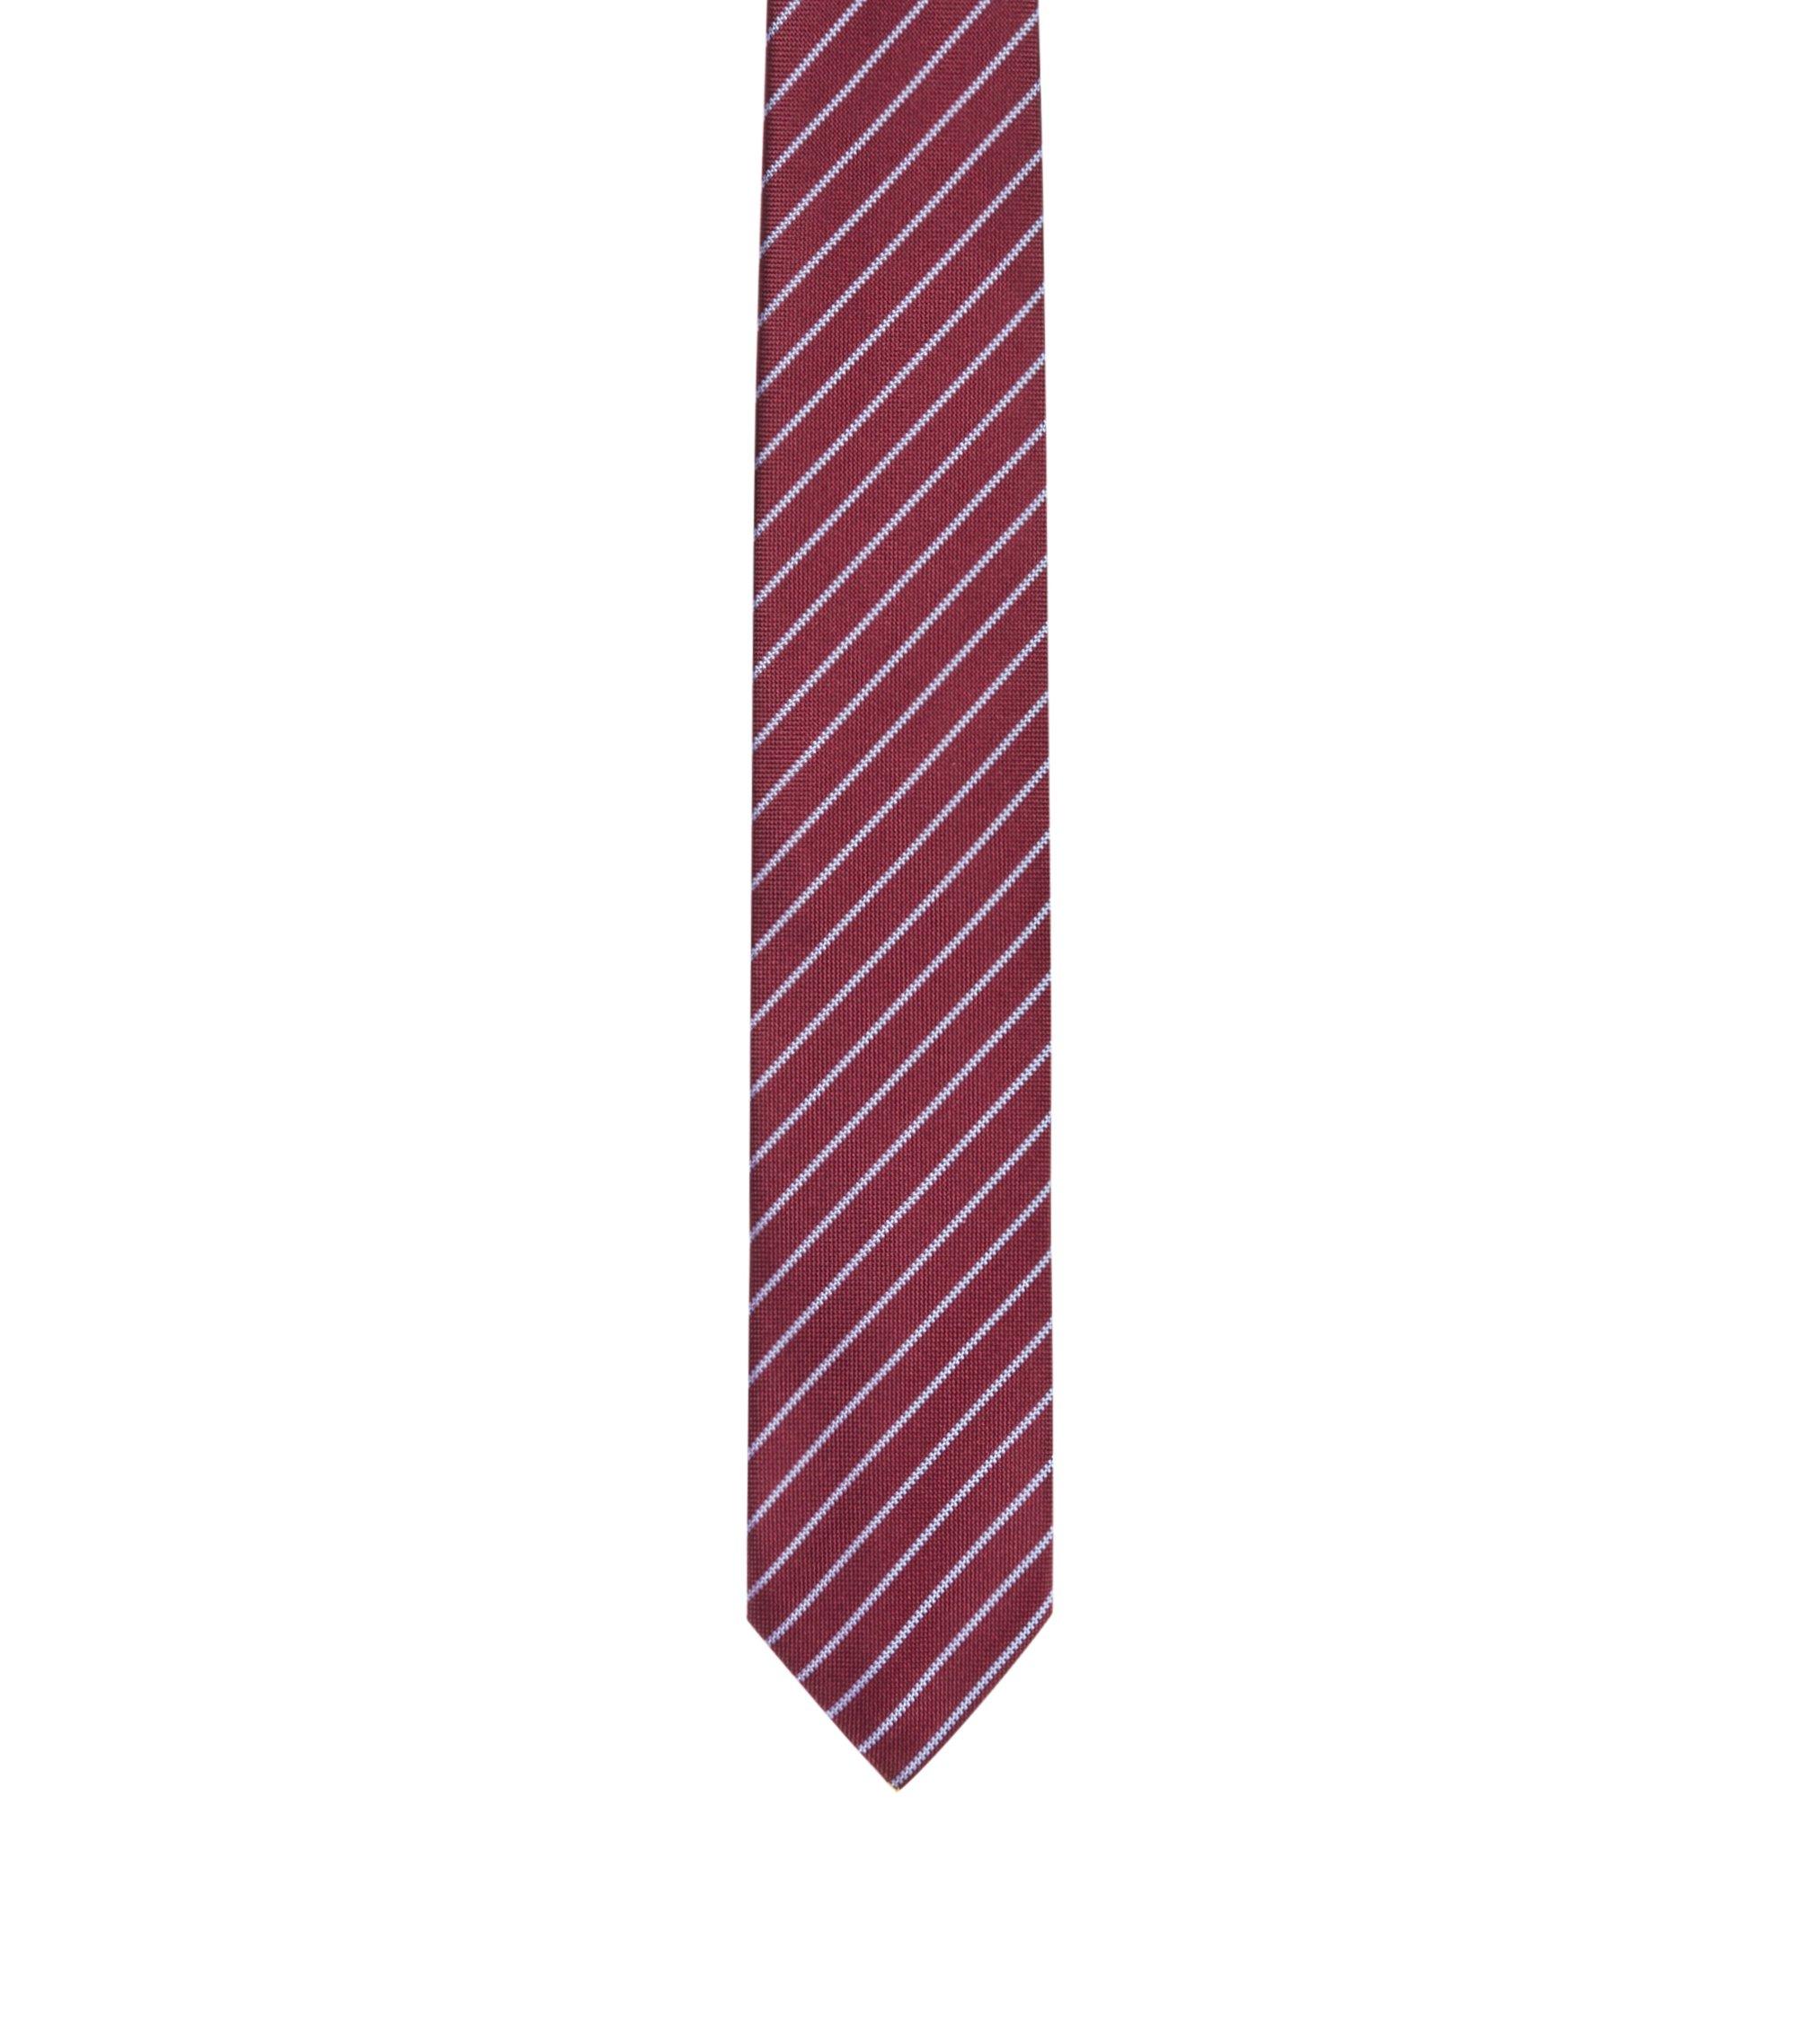 Cravatta in seta con motivo a righe diagonali , Rosso scuro